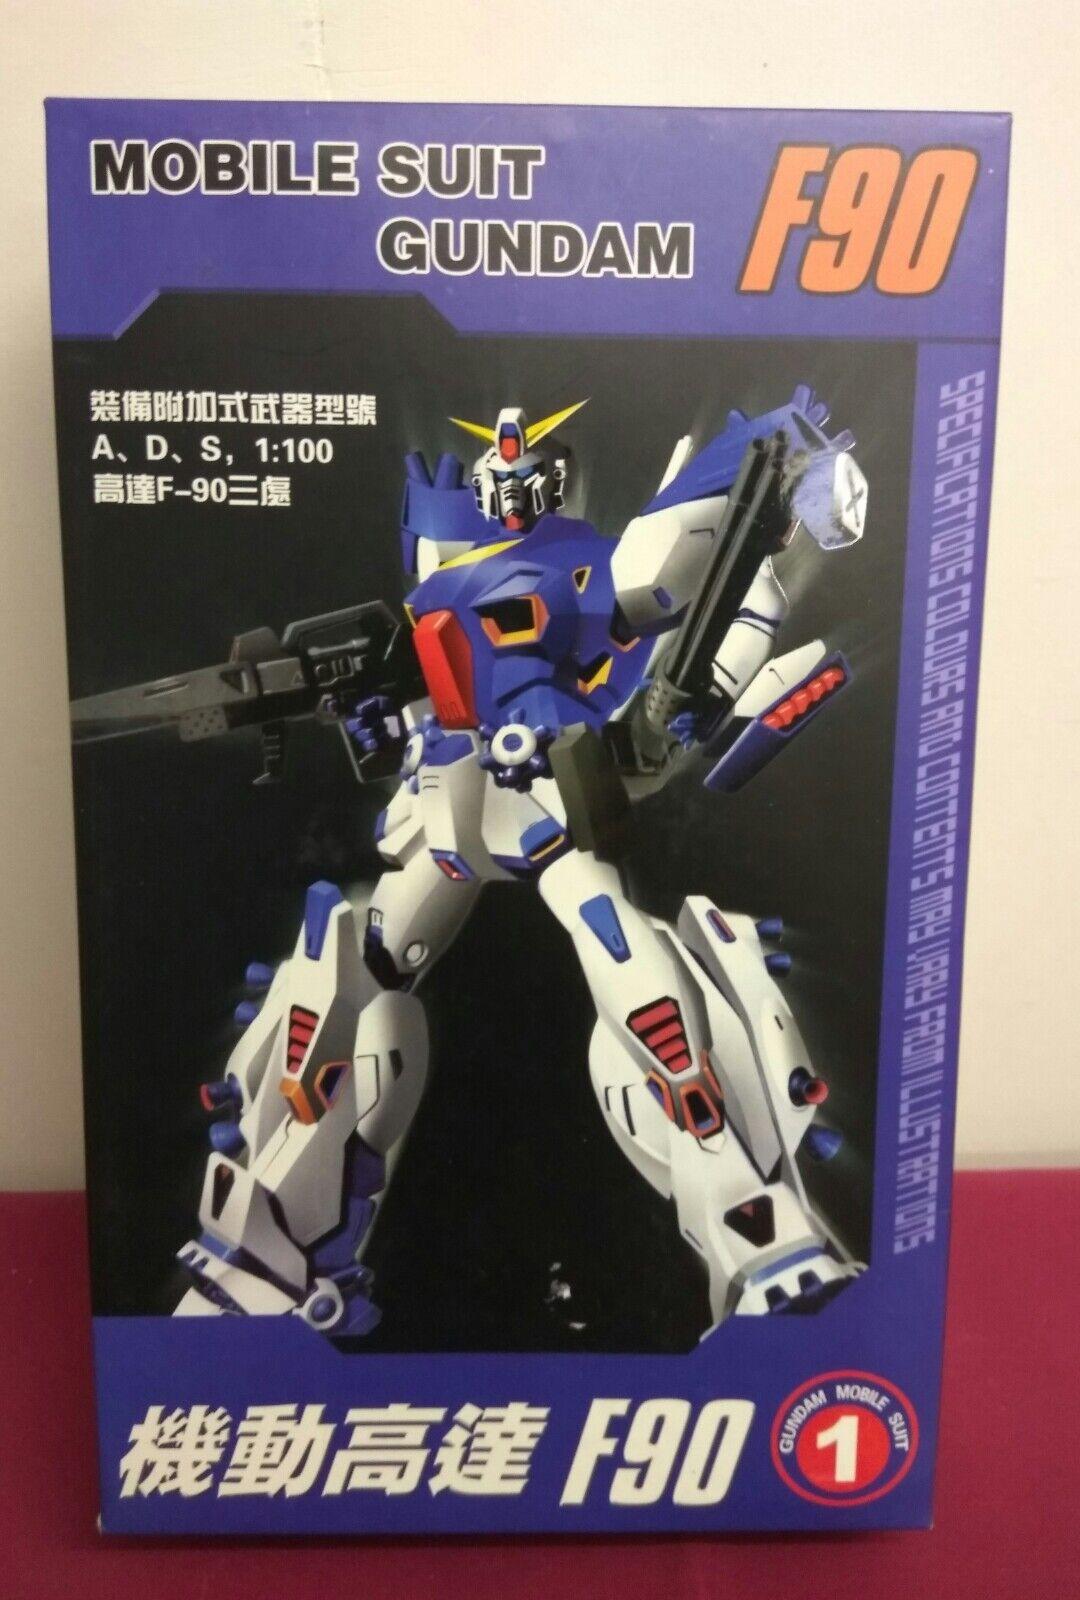 Mobile Suit Gundam F90. F-90 Gundam Mobil Suit. 1 100. New and Unused Set.